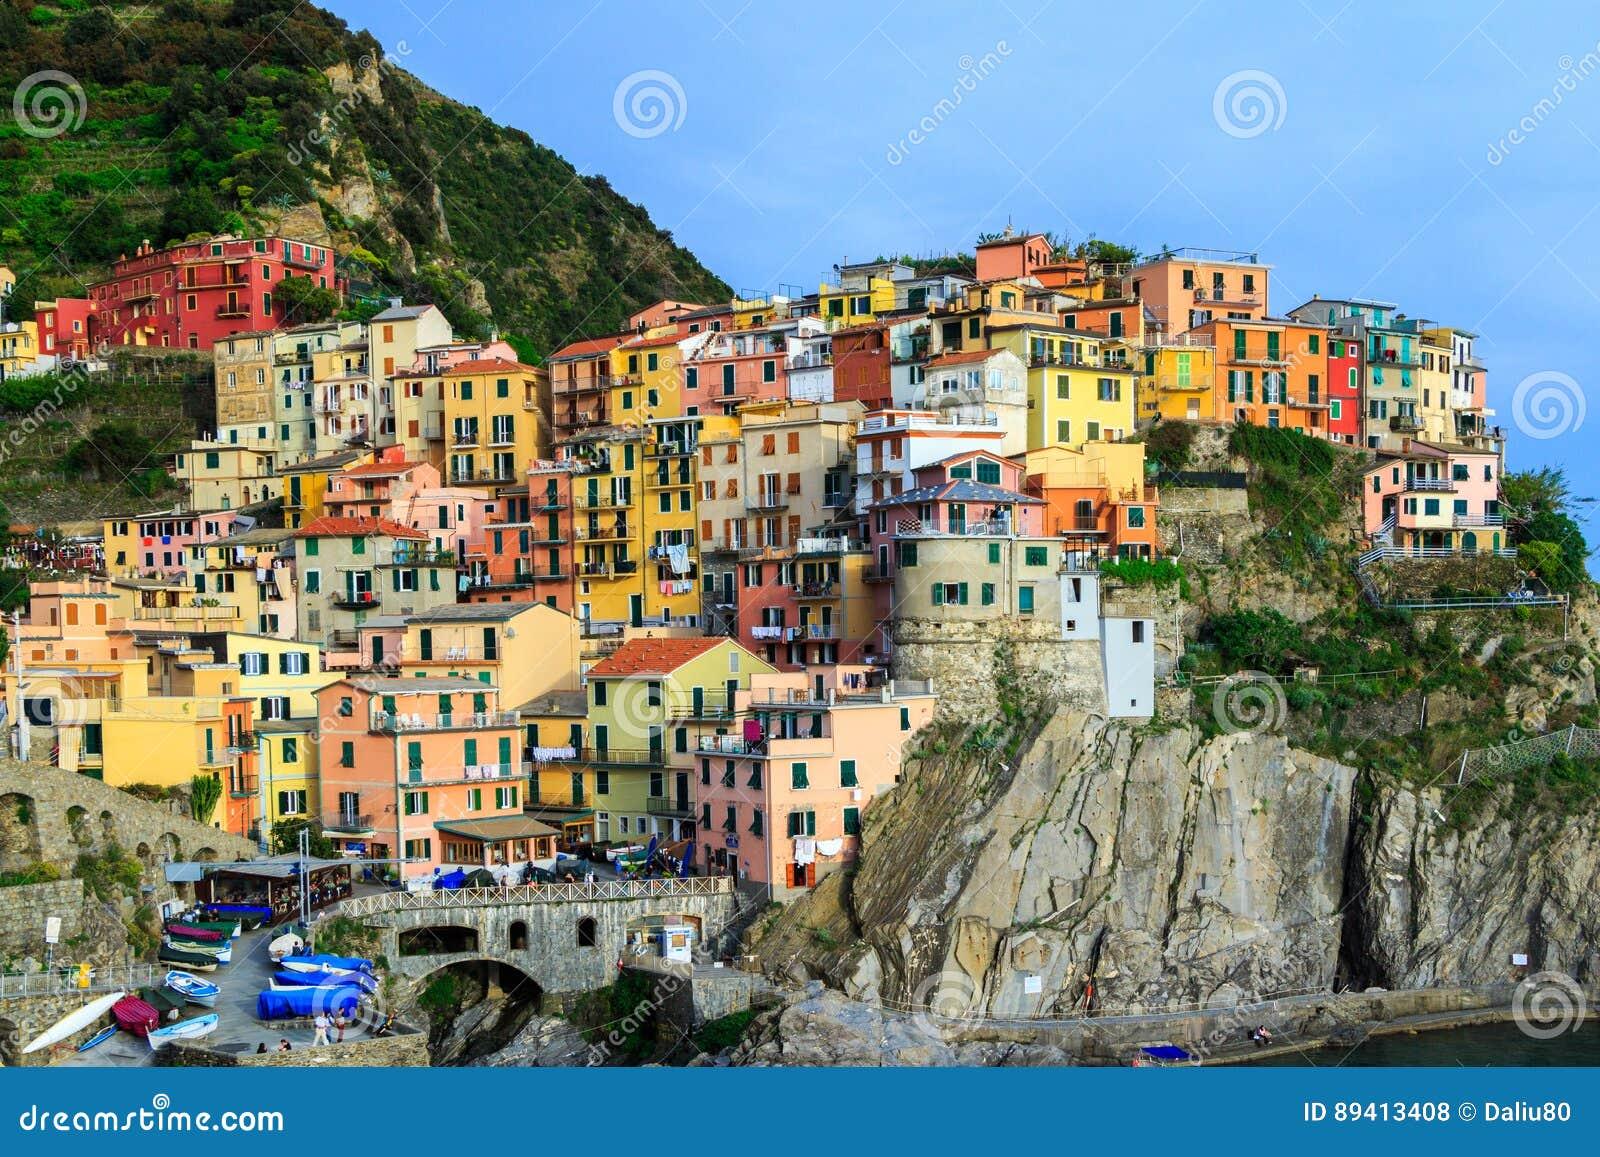 Casas tradicionais coloridas em uma rocha sobre o mar Mediterrâneo, miliampère